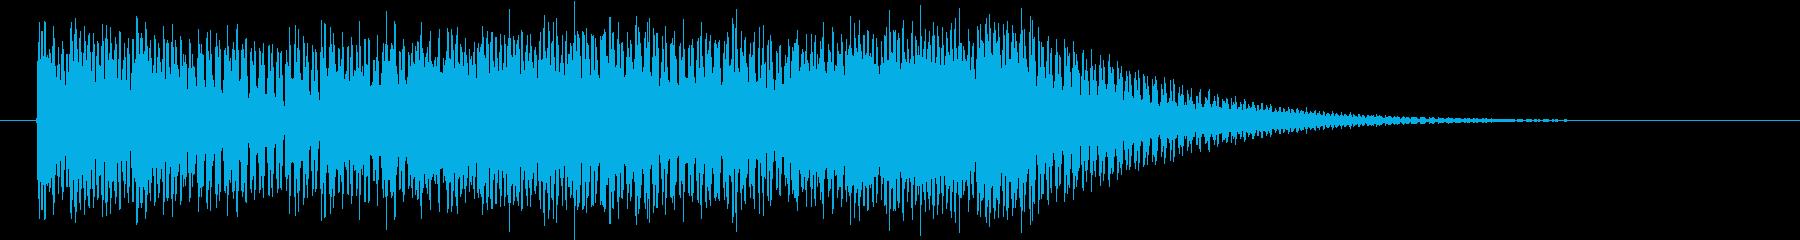 スタイリッシュでクールなロゴ・ジングルの再生済みの波形